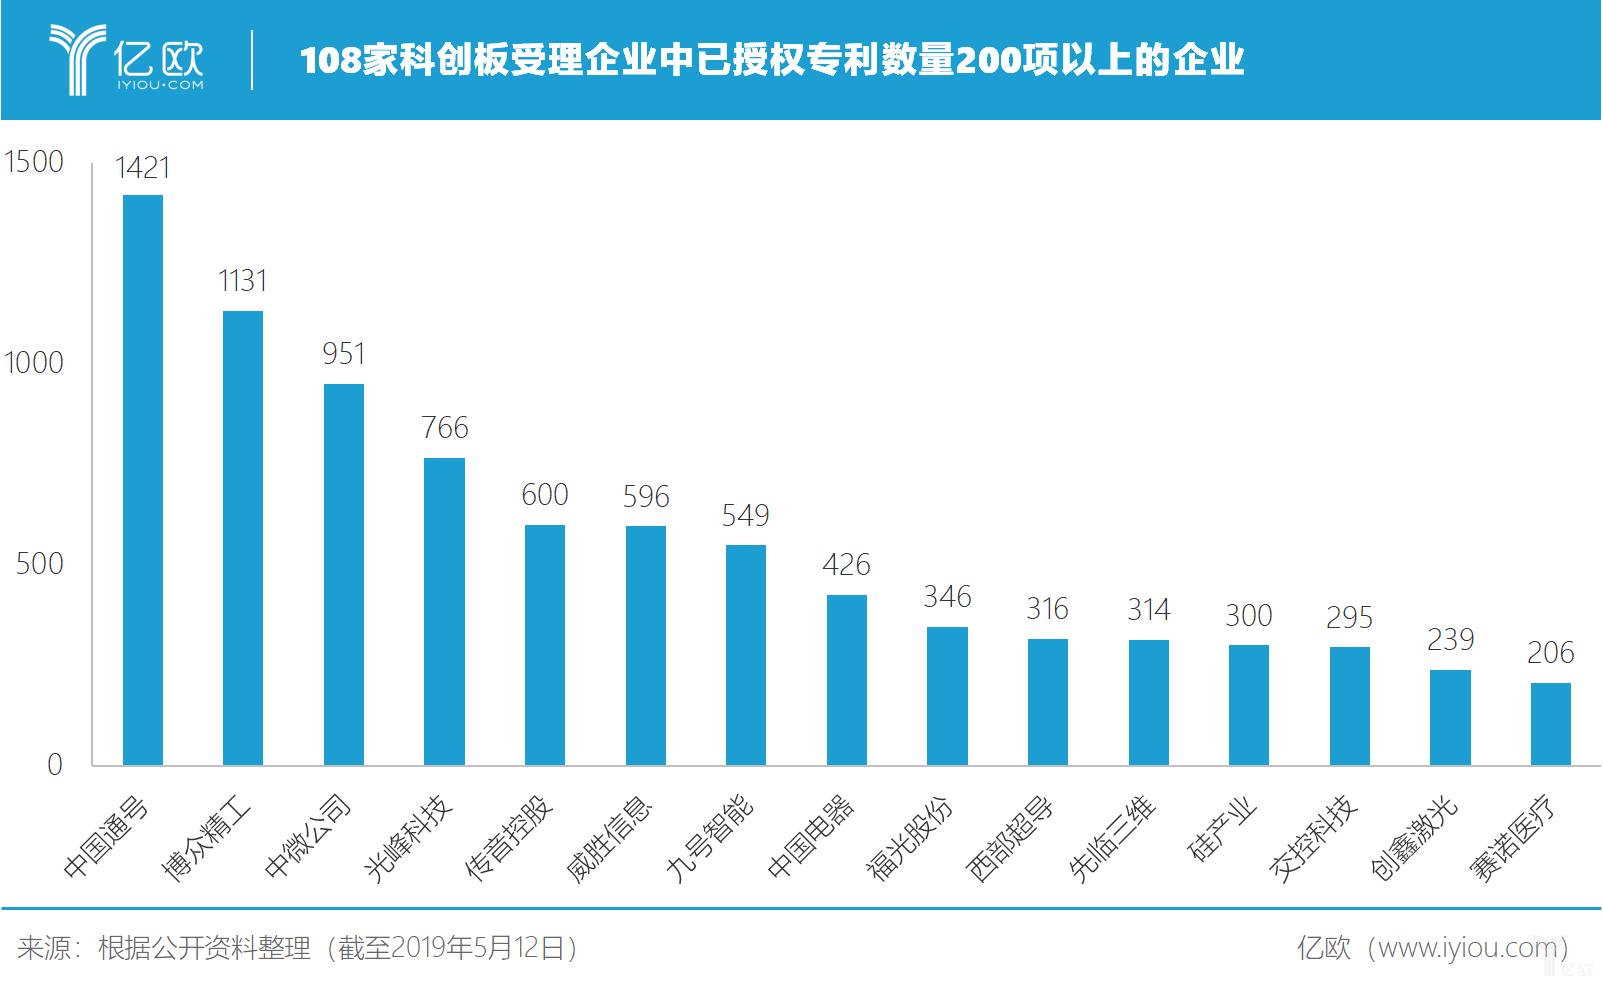 108家科创板受理企业中已授权专利数量200项以上的企业